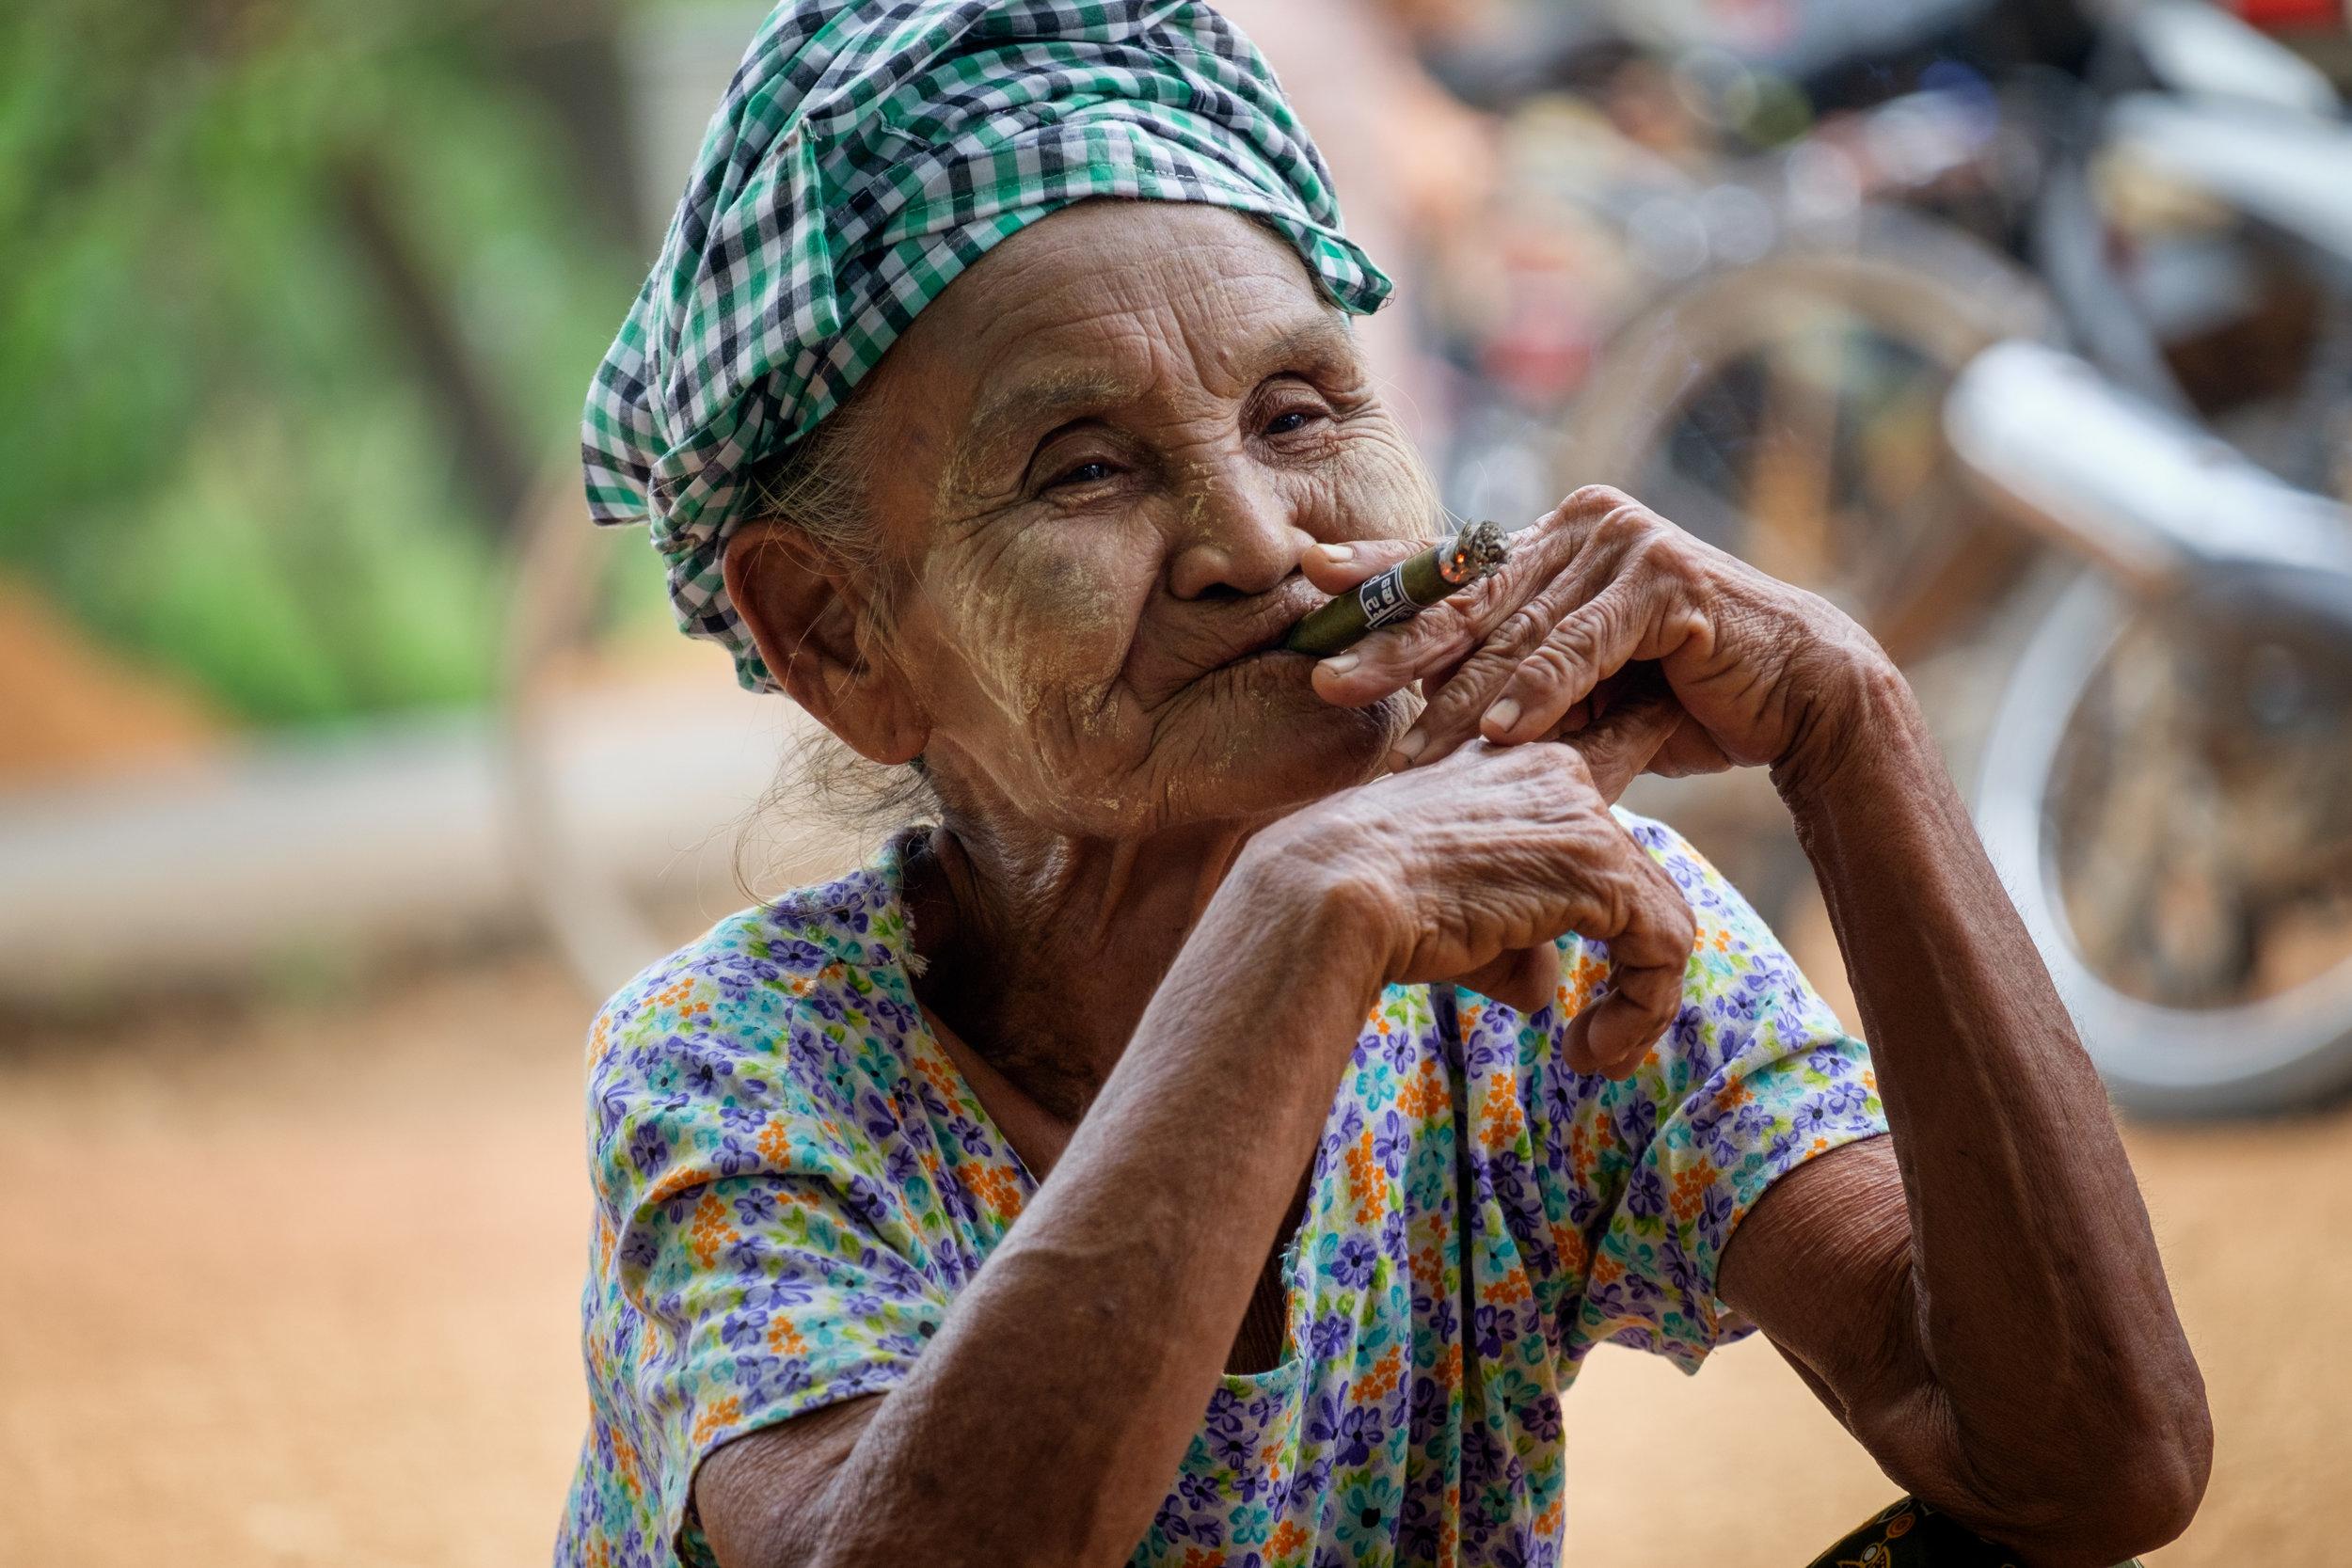 Un cigare et du thanaka pour garder la jeunesse.